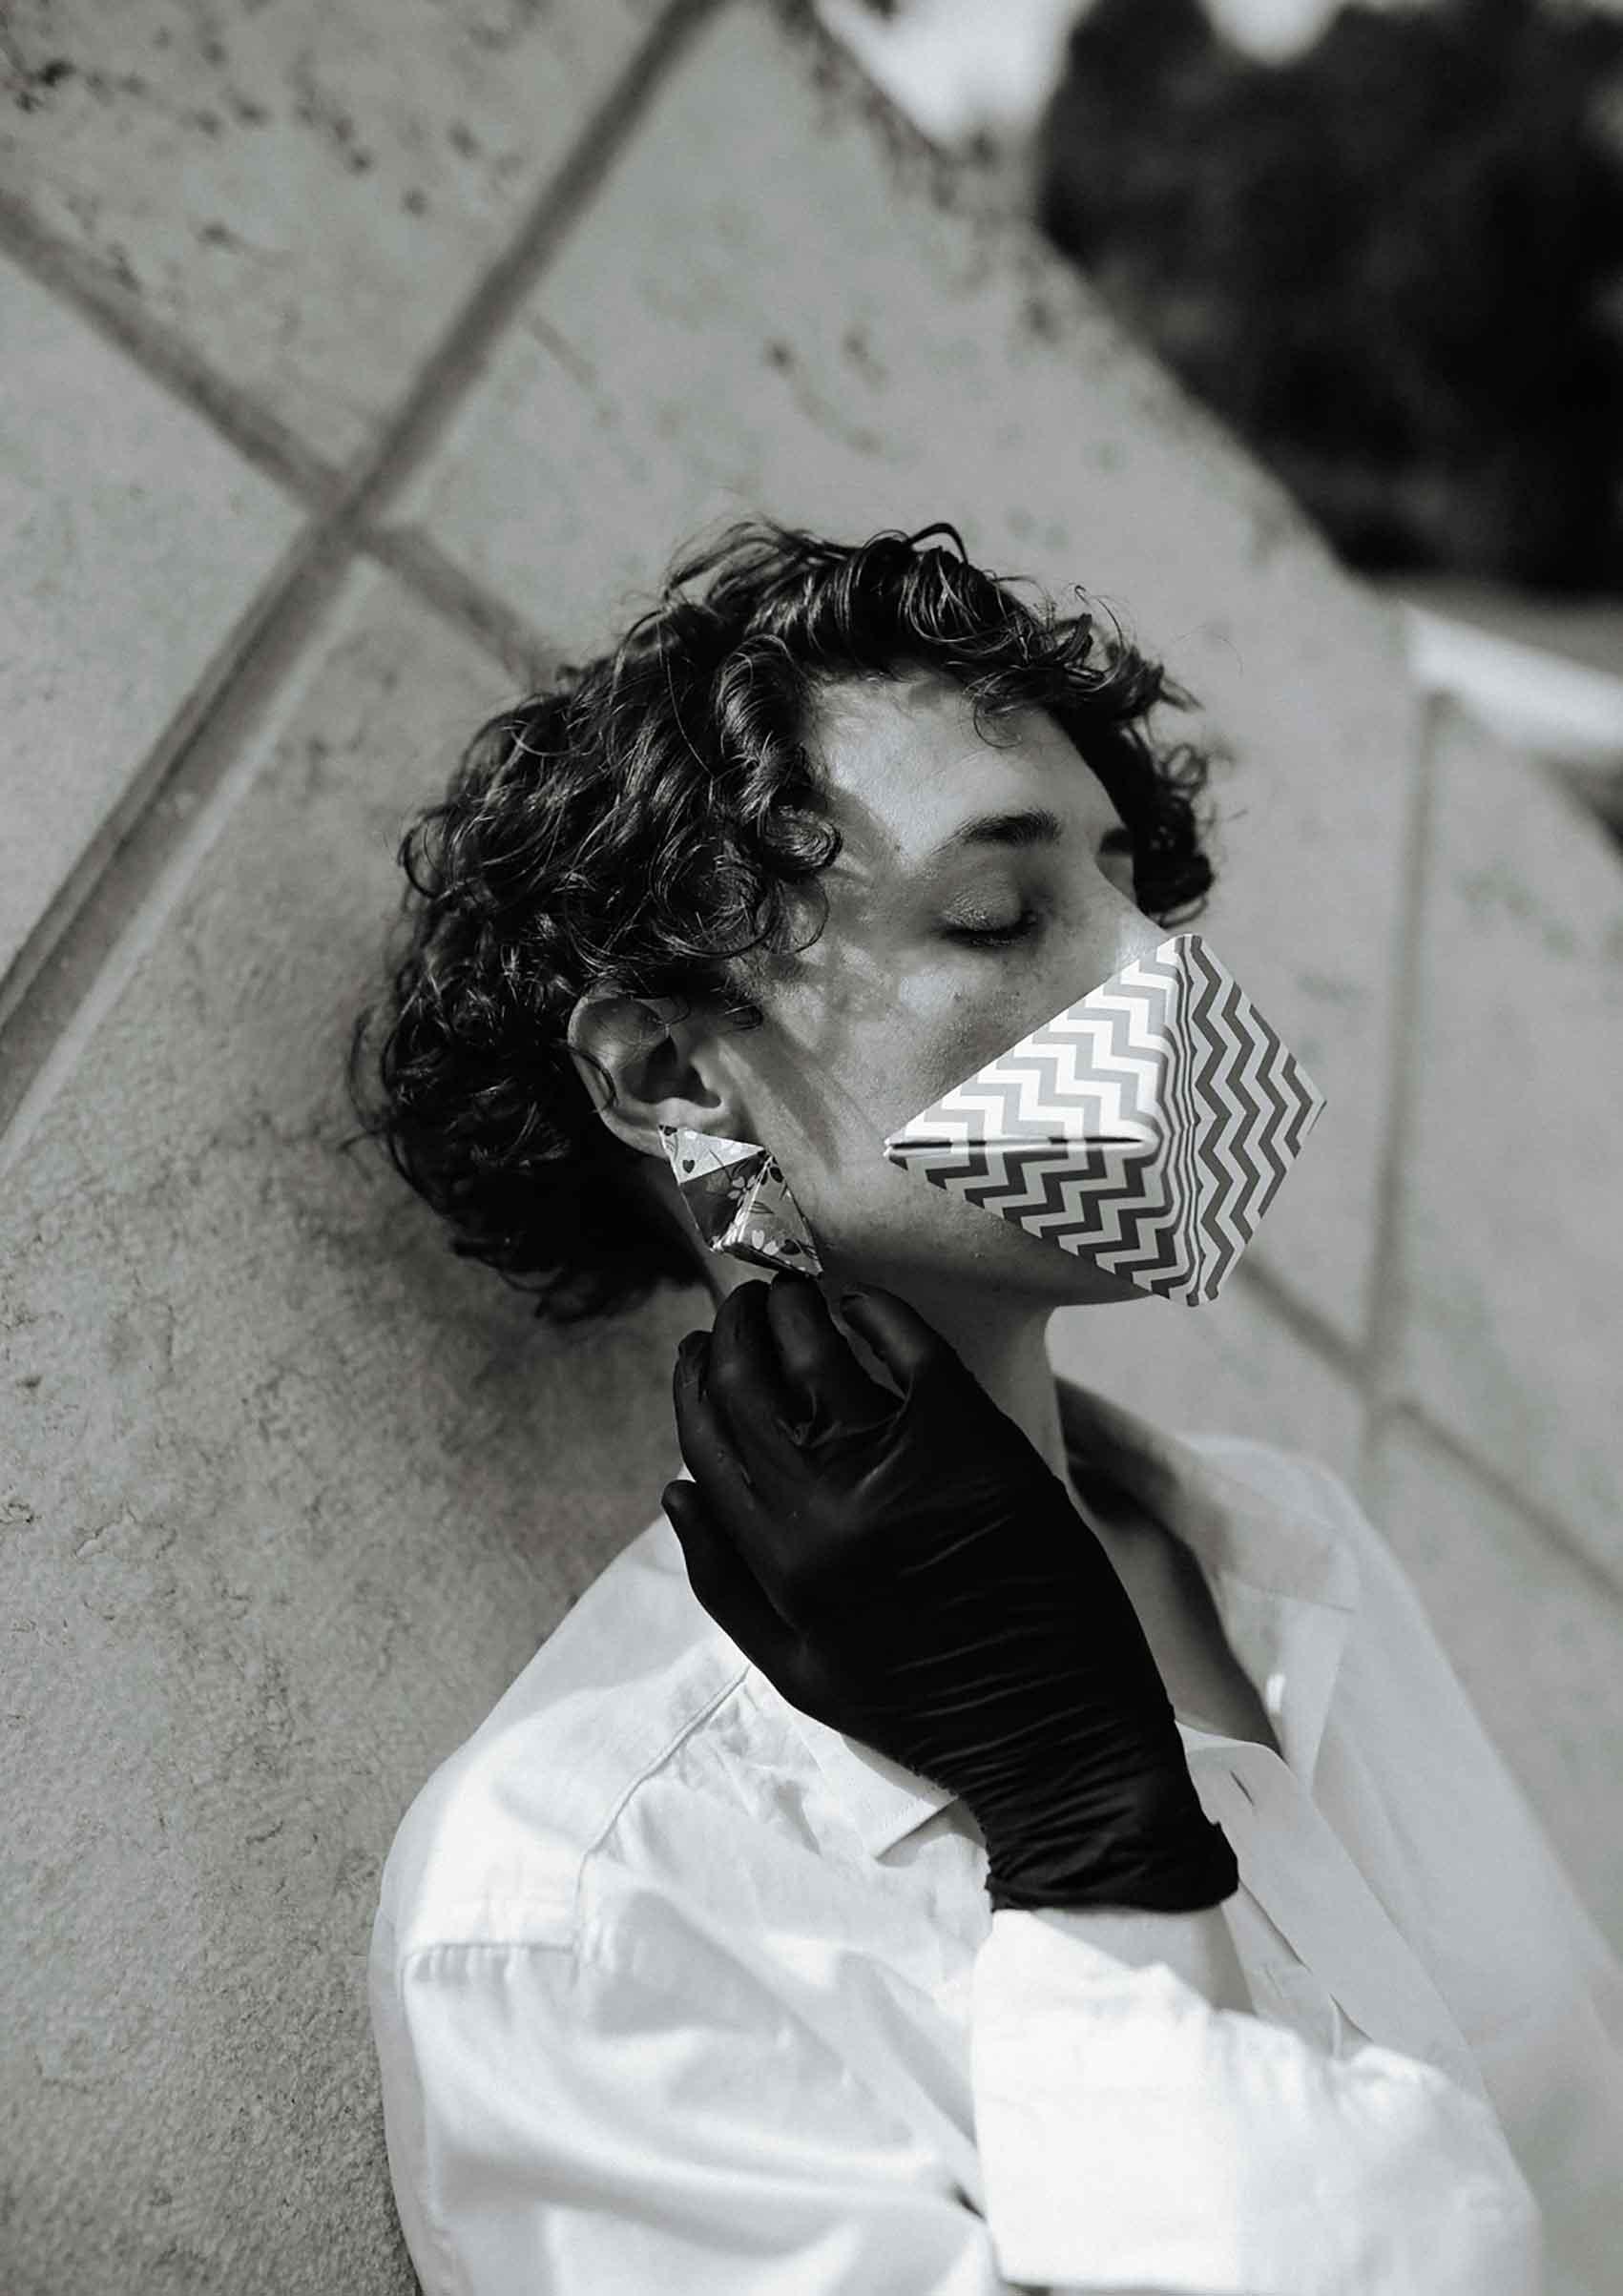 צילום-עיצוב-תכשיטים-הדר אלפסי-דוגמנית-רינה נקונצ'ני-Fashion Israel-מגזין-אופנה-ישראלי-הפקות-אופנה-5